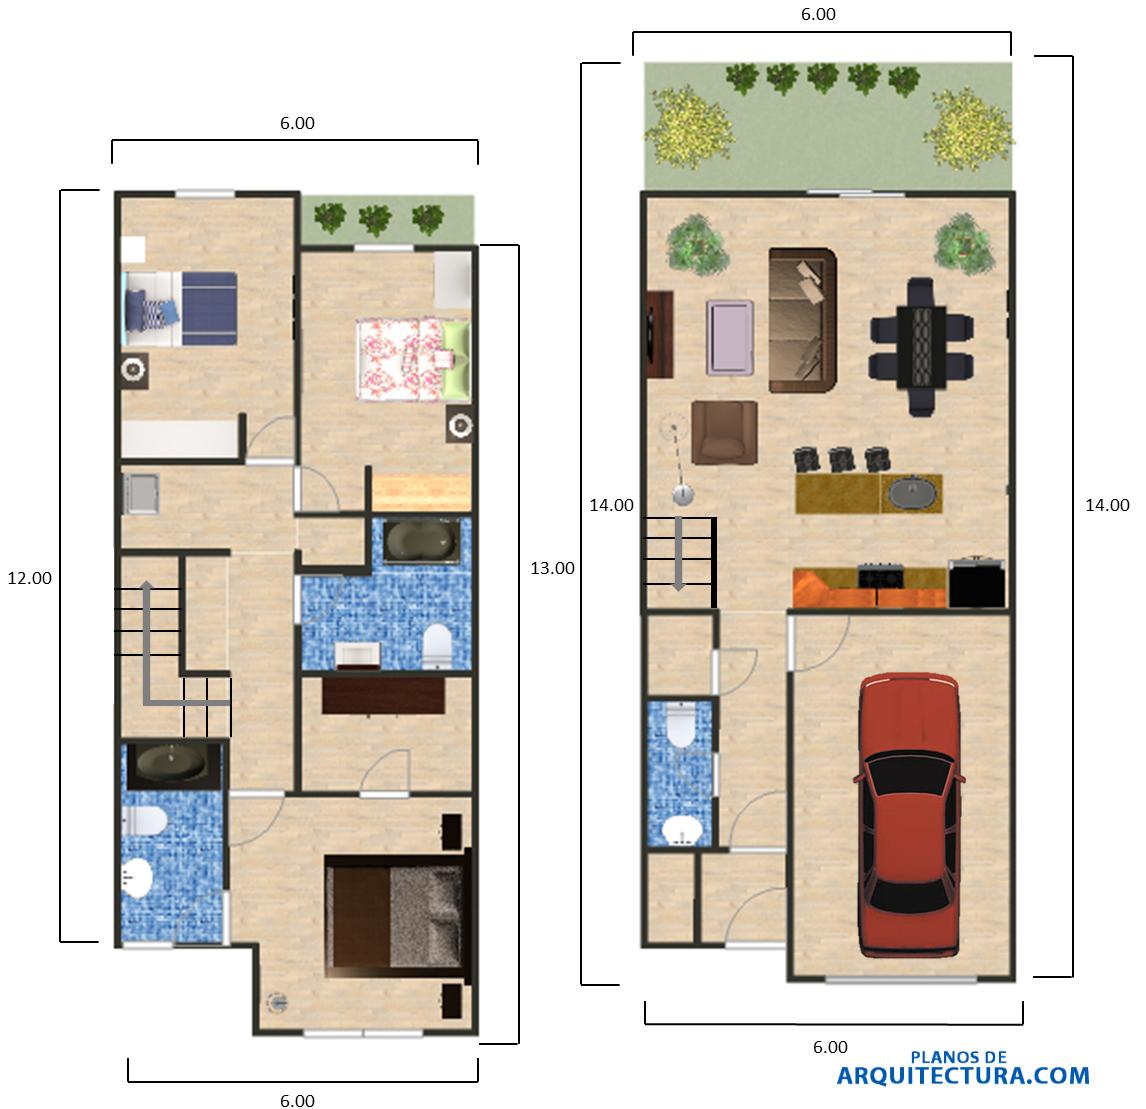 Dise o de casa peque a 84 m planos de arquitectura for Plano casa un piso